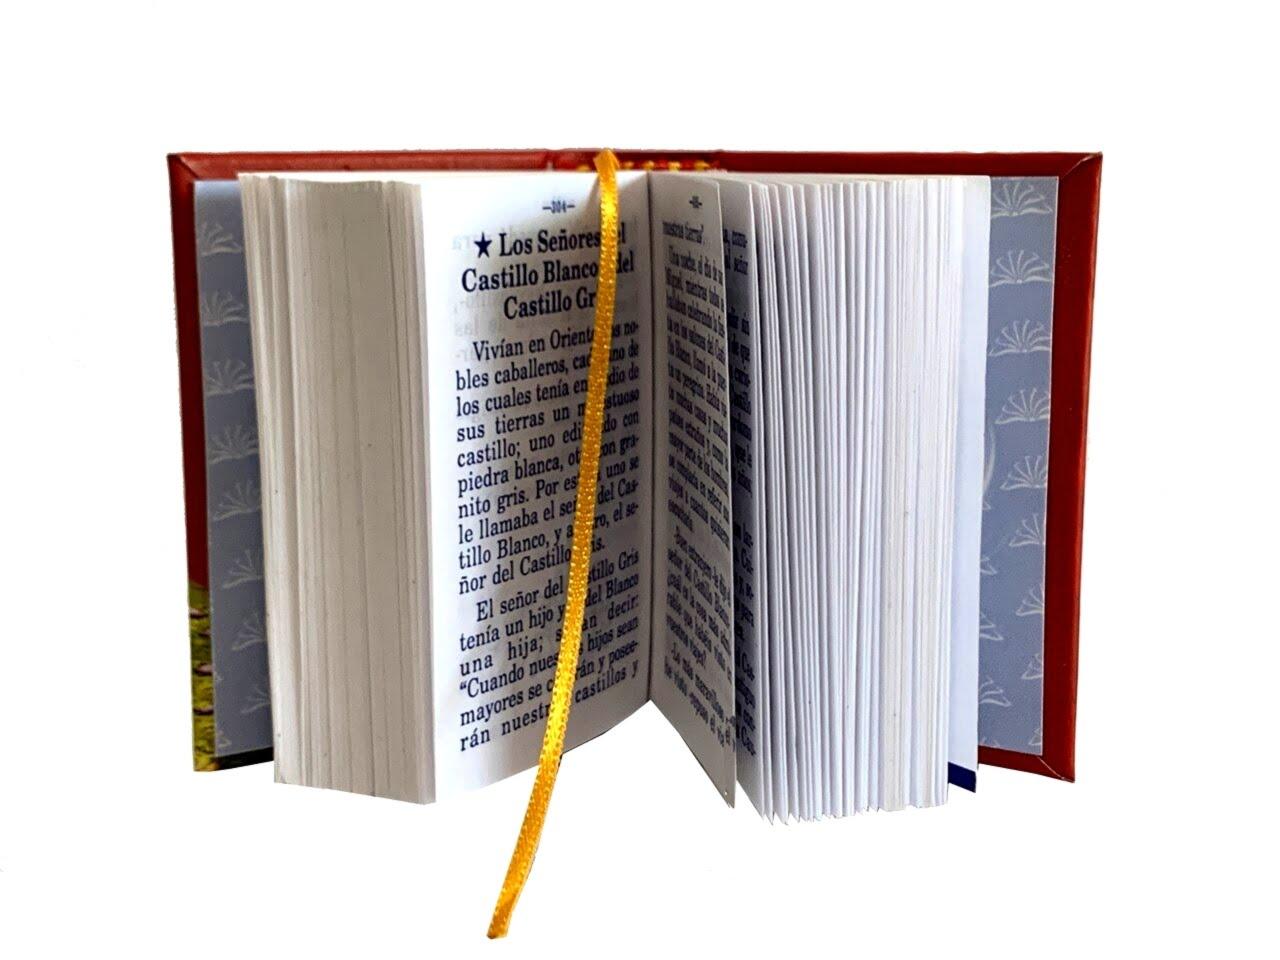 cuentos-clasicos-IV-1-miniature-book-libro